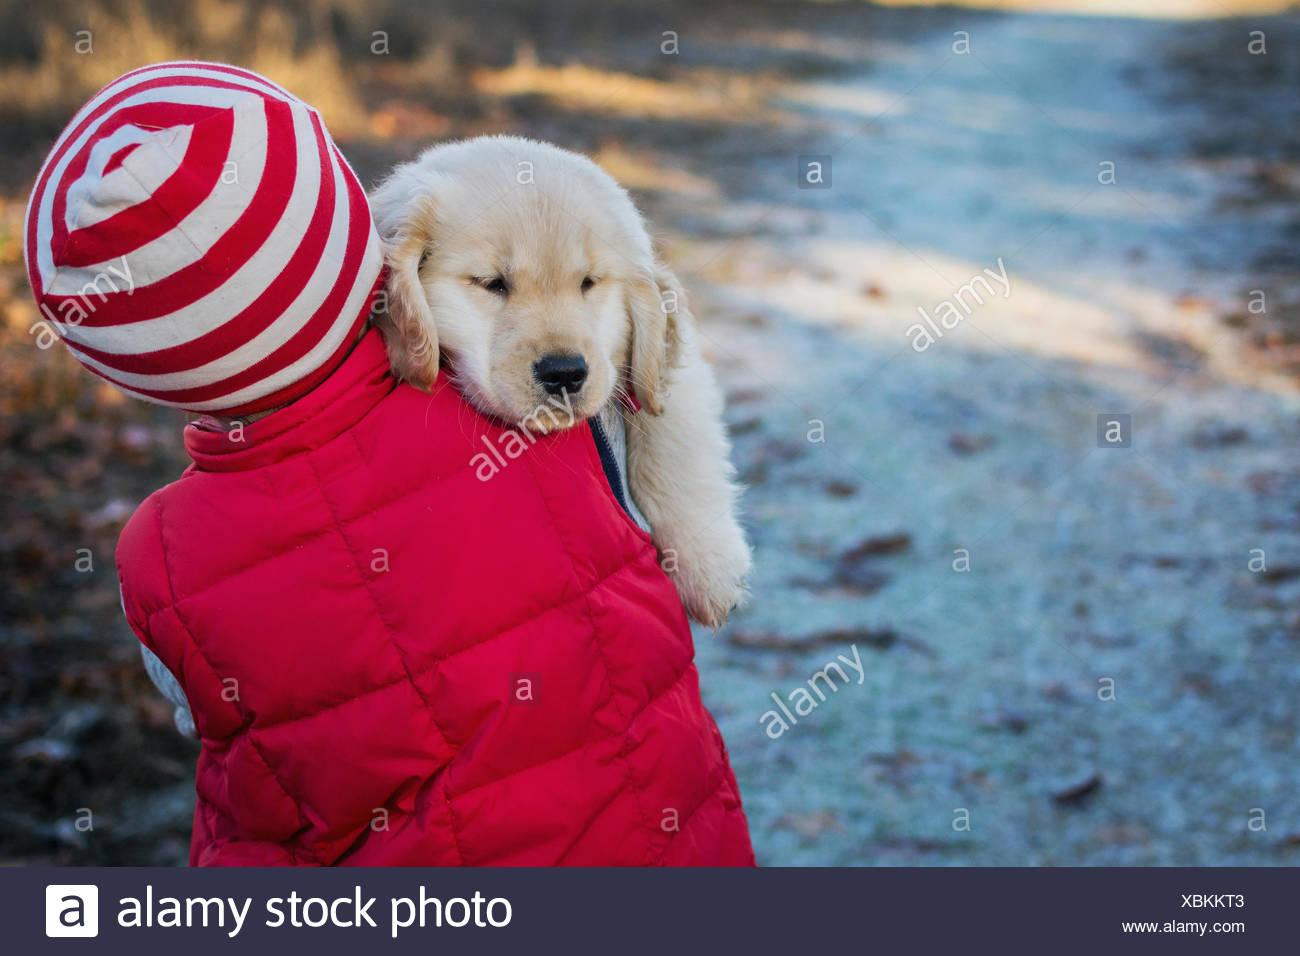 Sleepy golden retriever cucciolo di cane essendo portato da ragazzo Immagini Stock